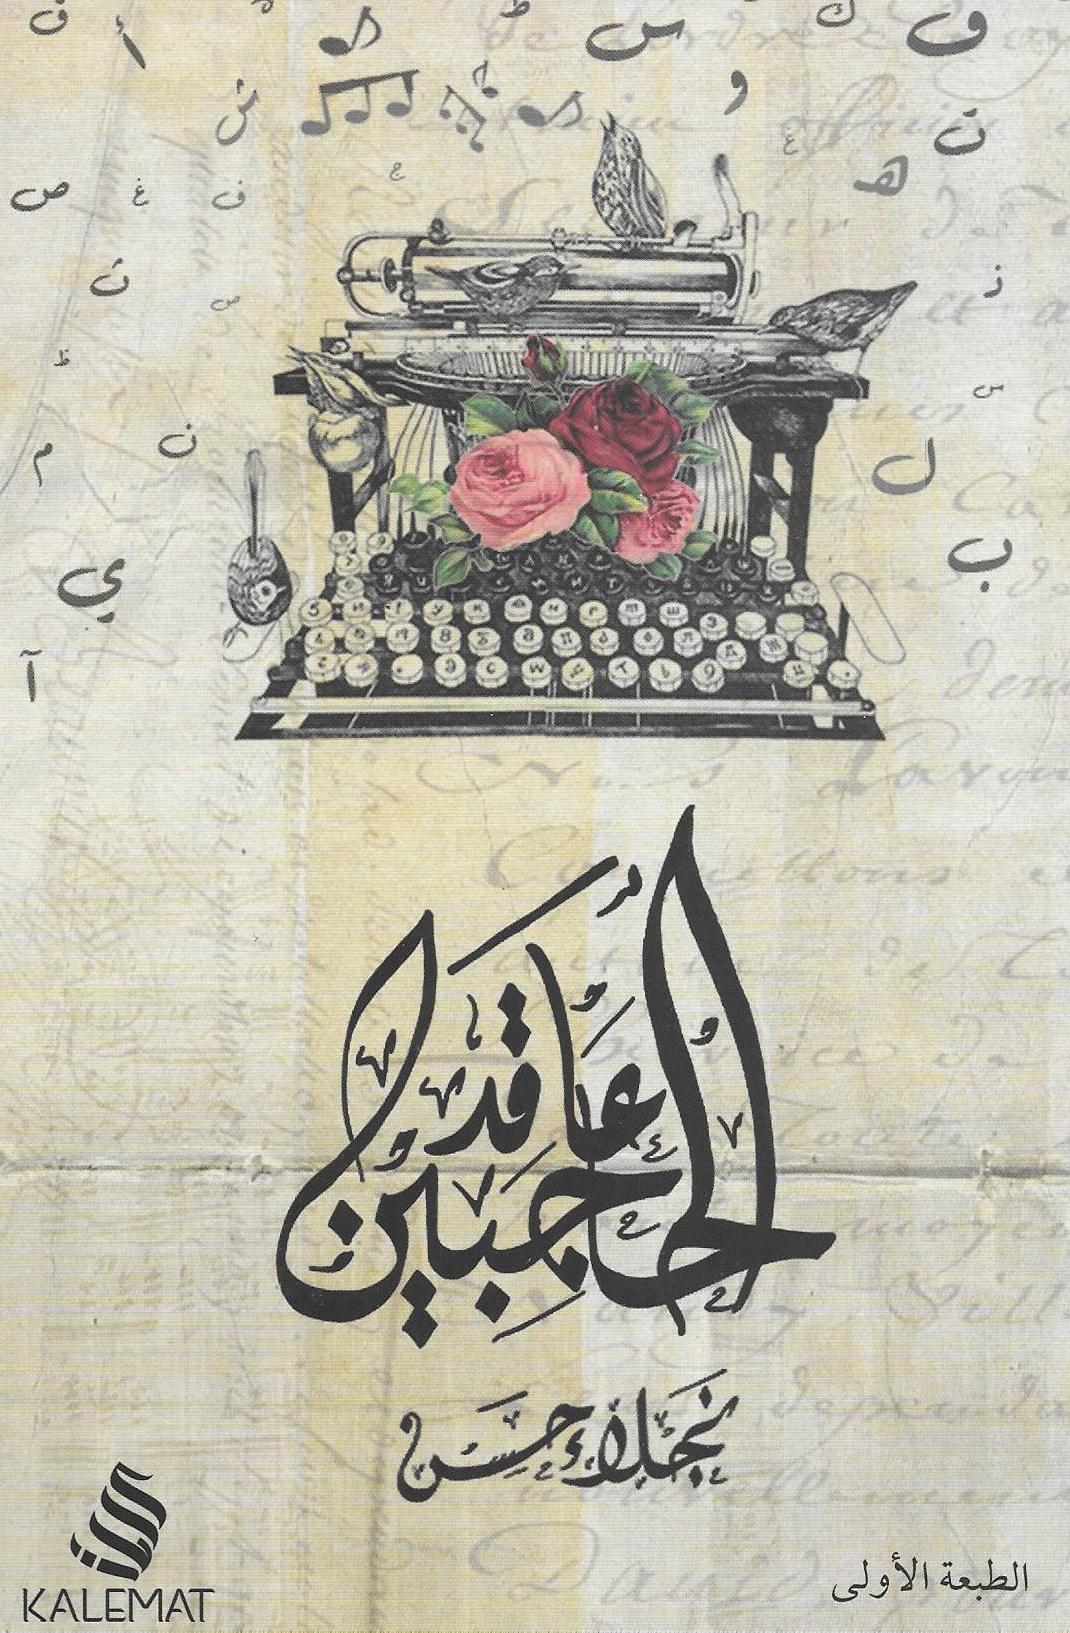 صورة كتاب عاقد الحاجبين – نجلاء حسن